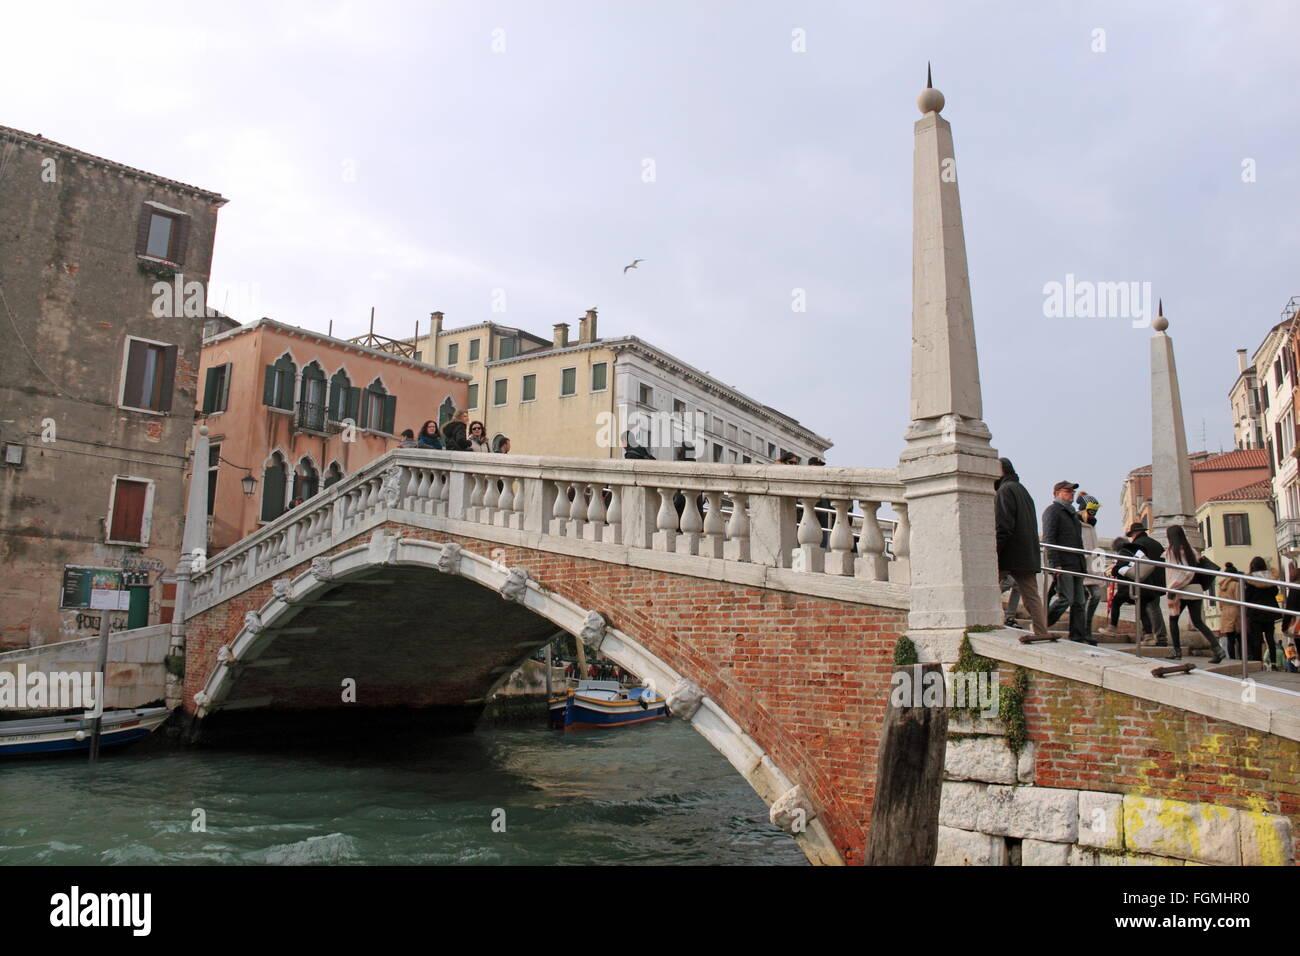 Ponte delle Guglie (Bridge of Spires), Canale di Cannaregio, Cannaregio, Venice, Veneto, Italy, Adriatic Sea, Europe - Stock Image